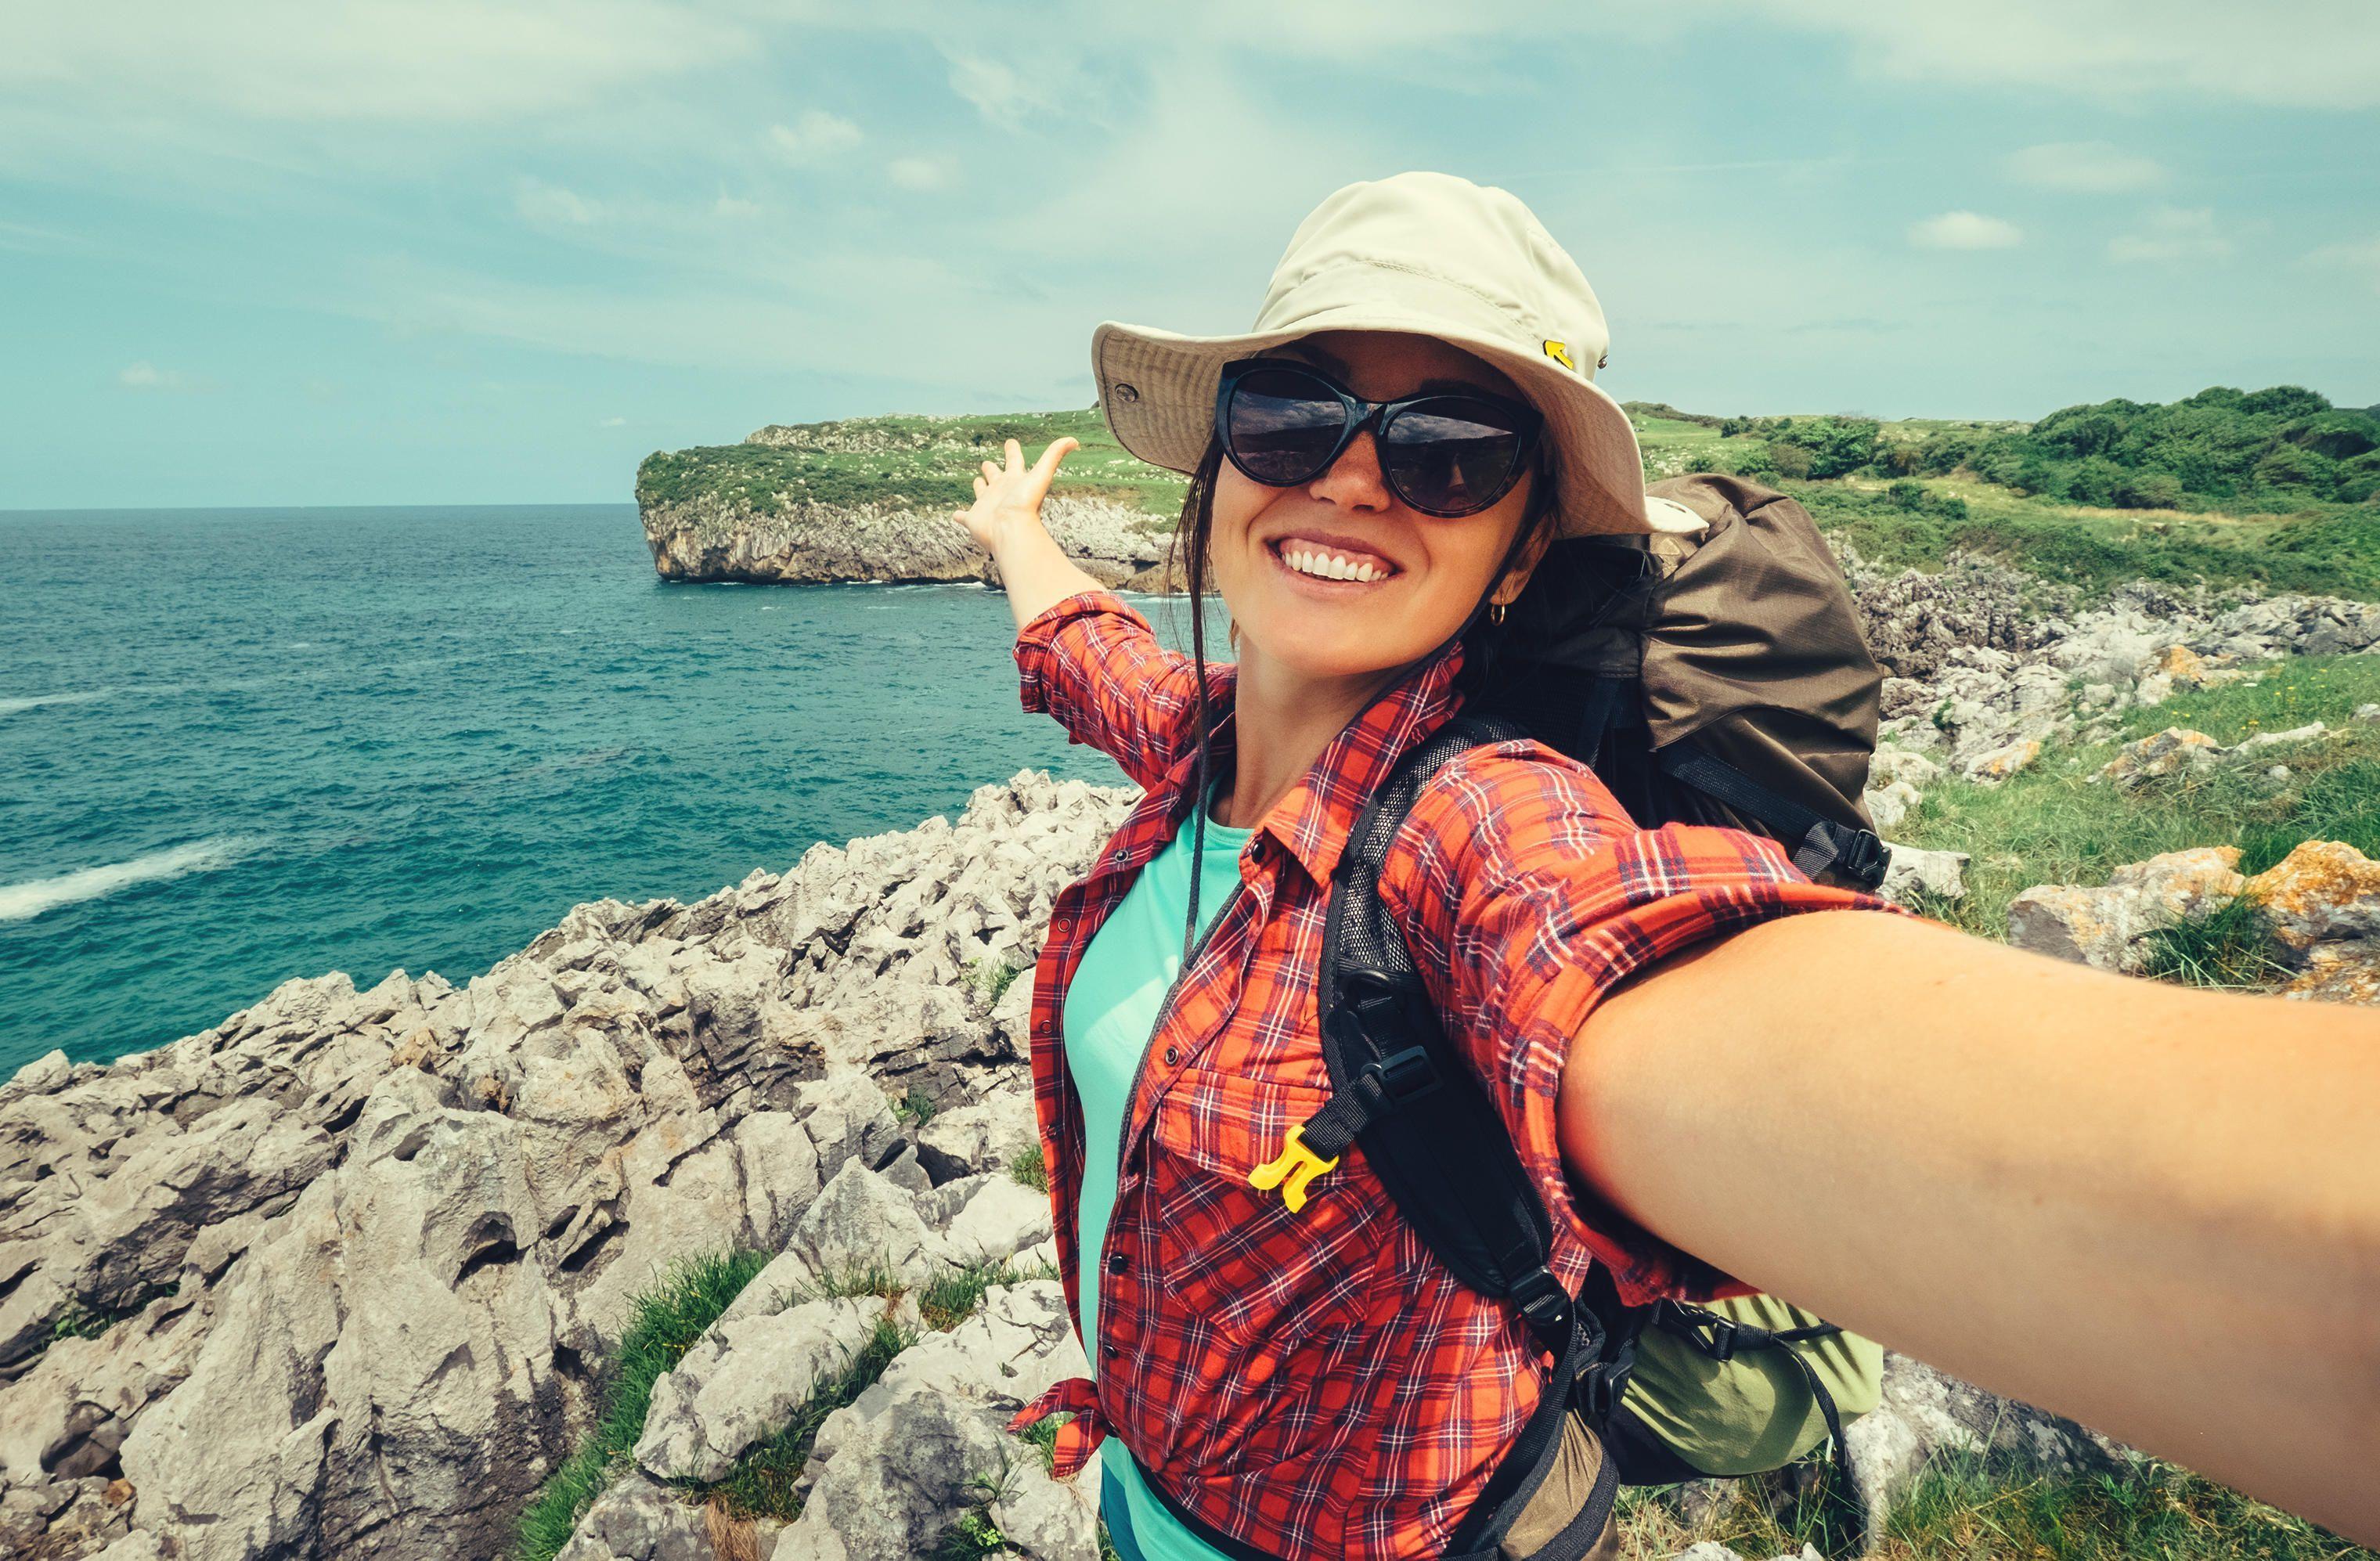 كيف تحصل على اجازة قصيرة بأقل التكاليف